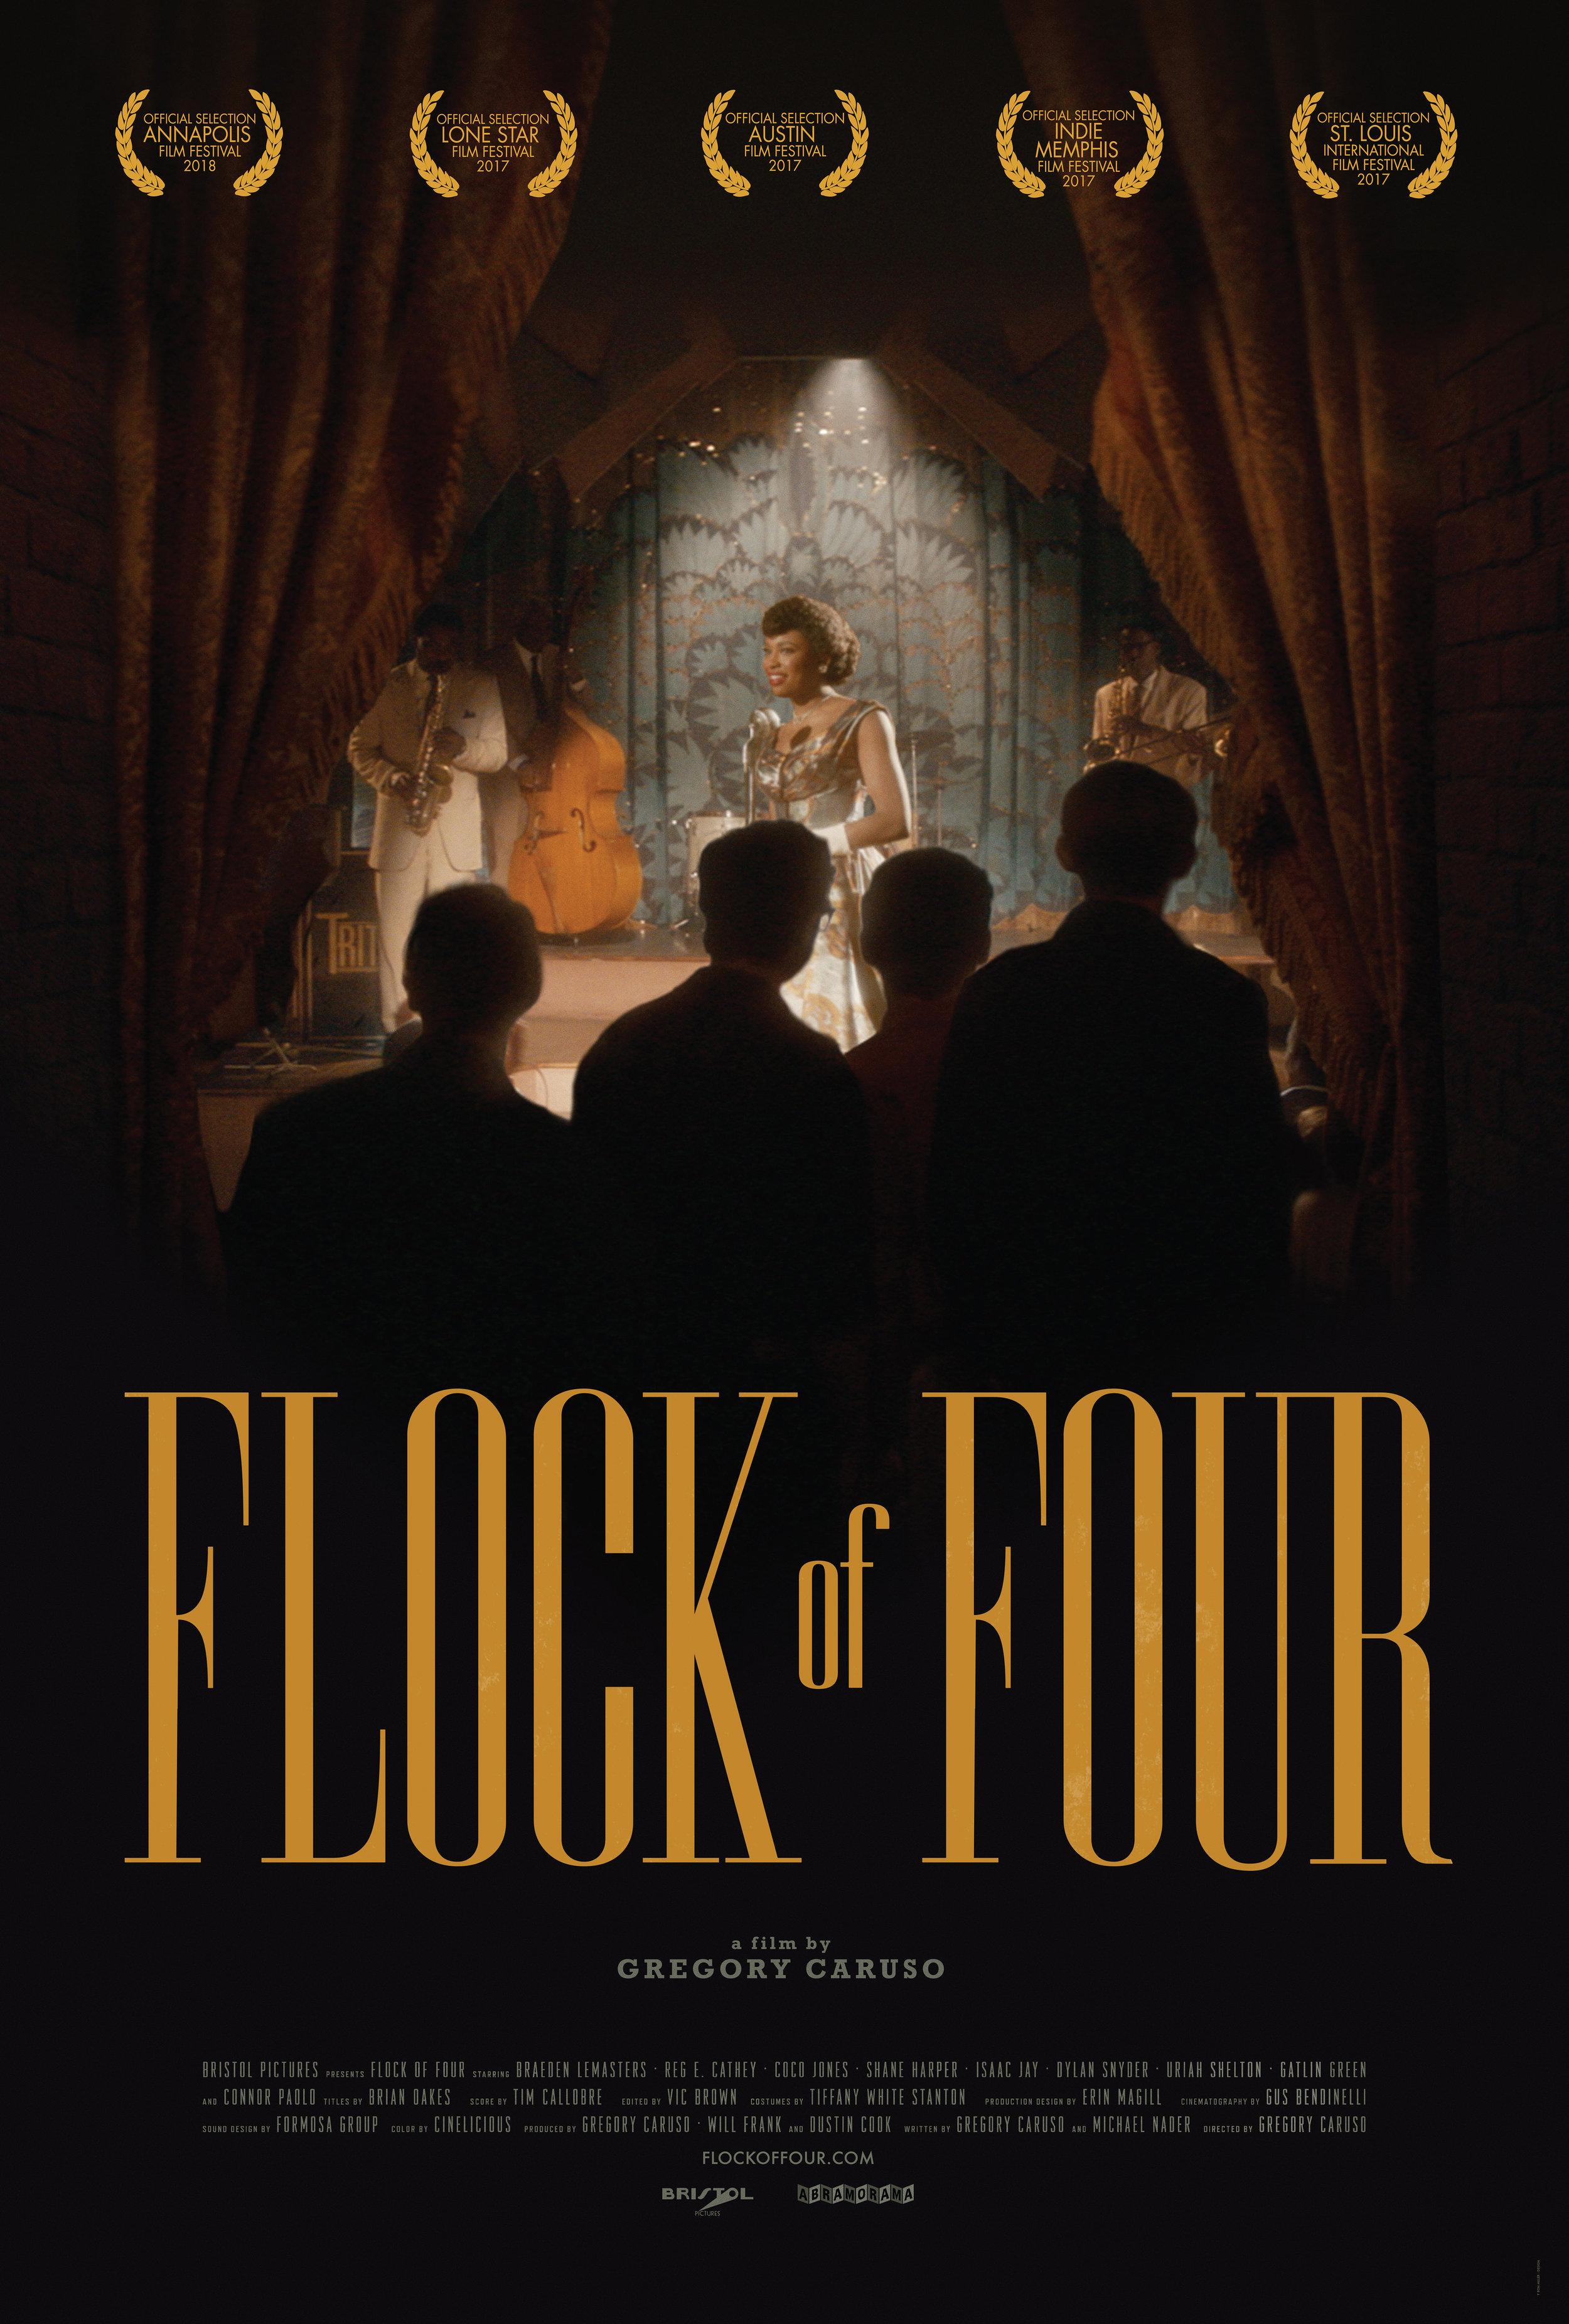 FLOCK OF FOUR_POSTER_Revise #6.jpg